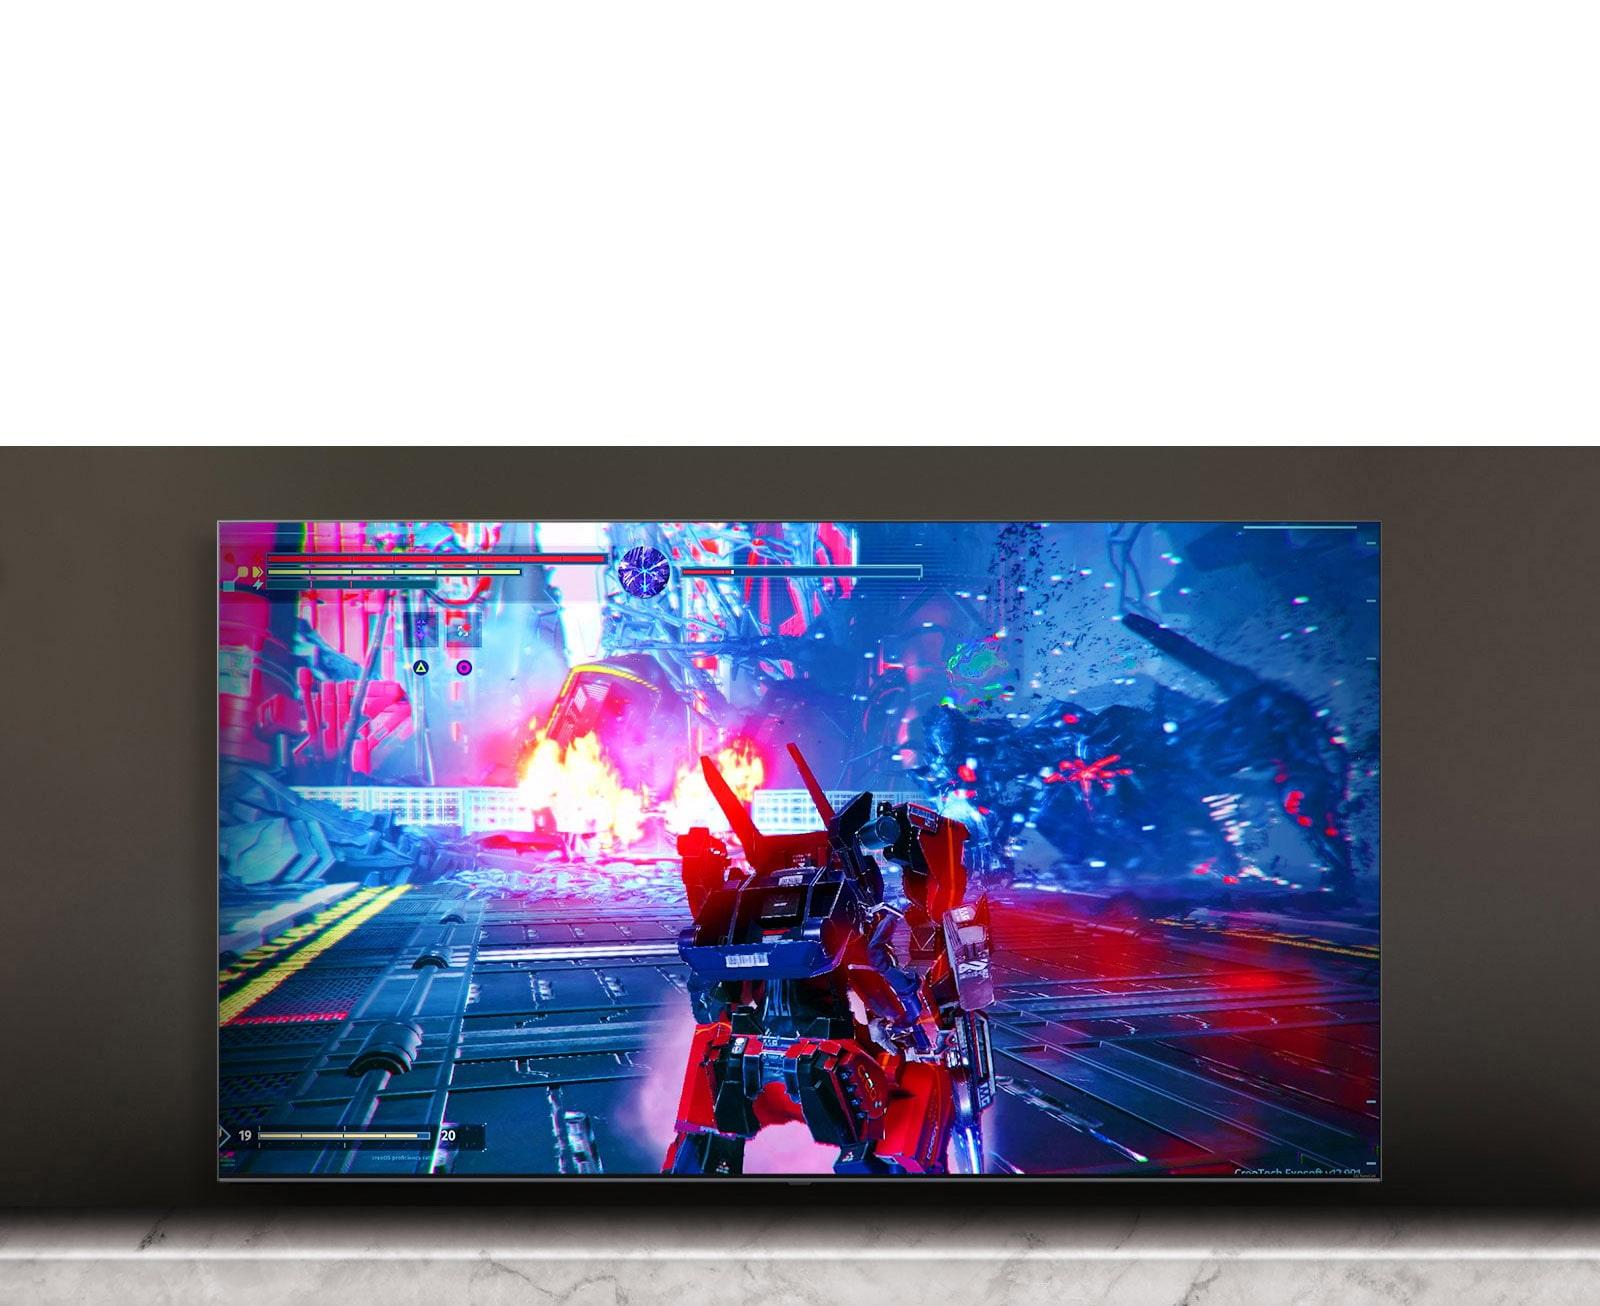 Écran de téléviseur montrant la scène du jeu de bataille.